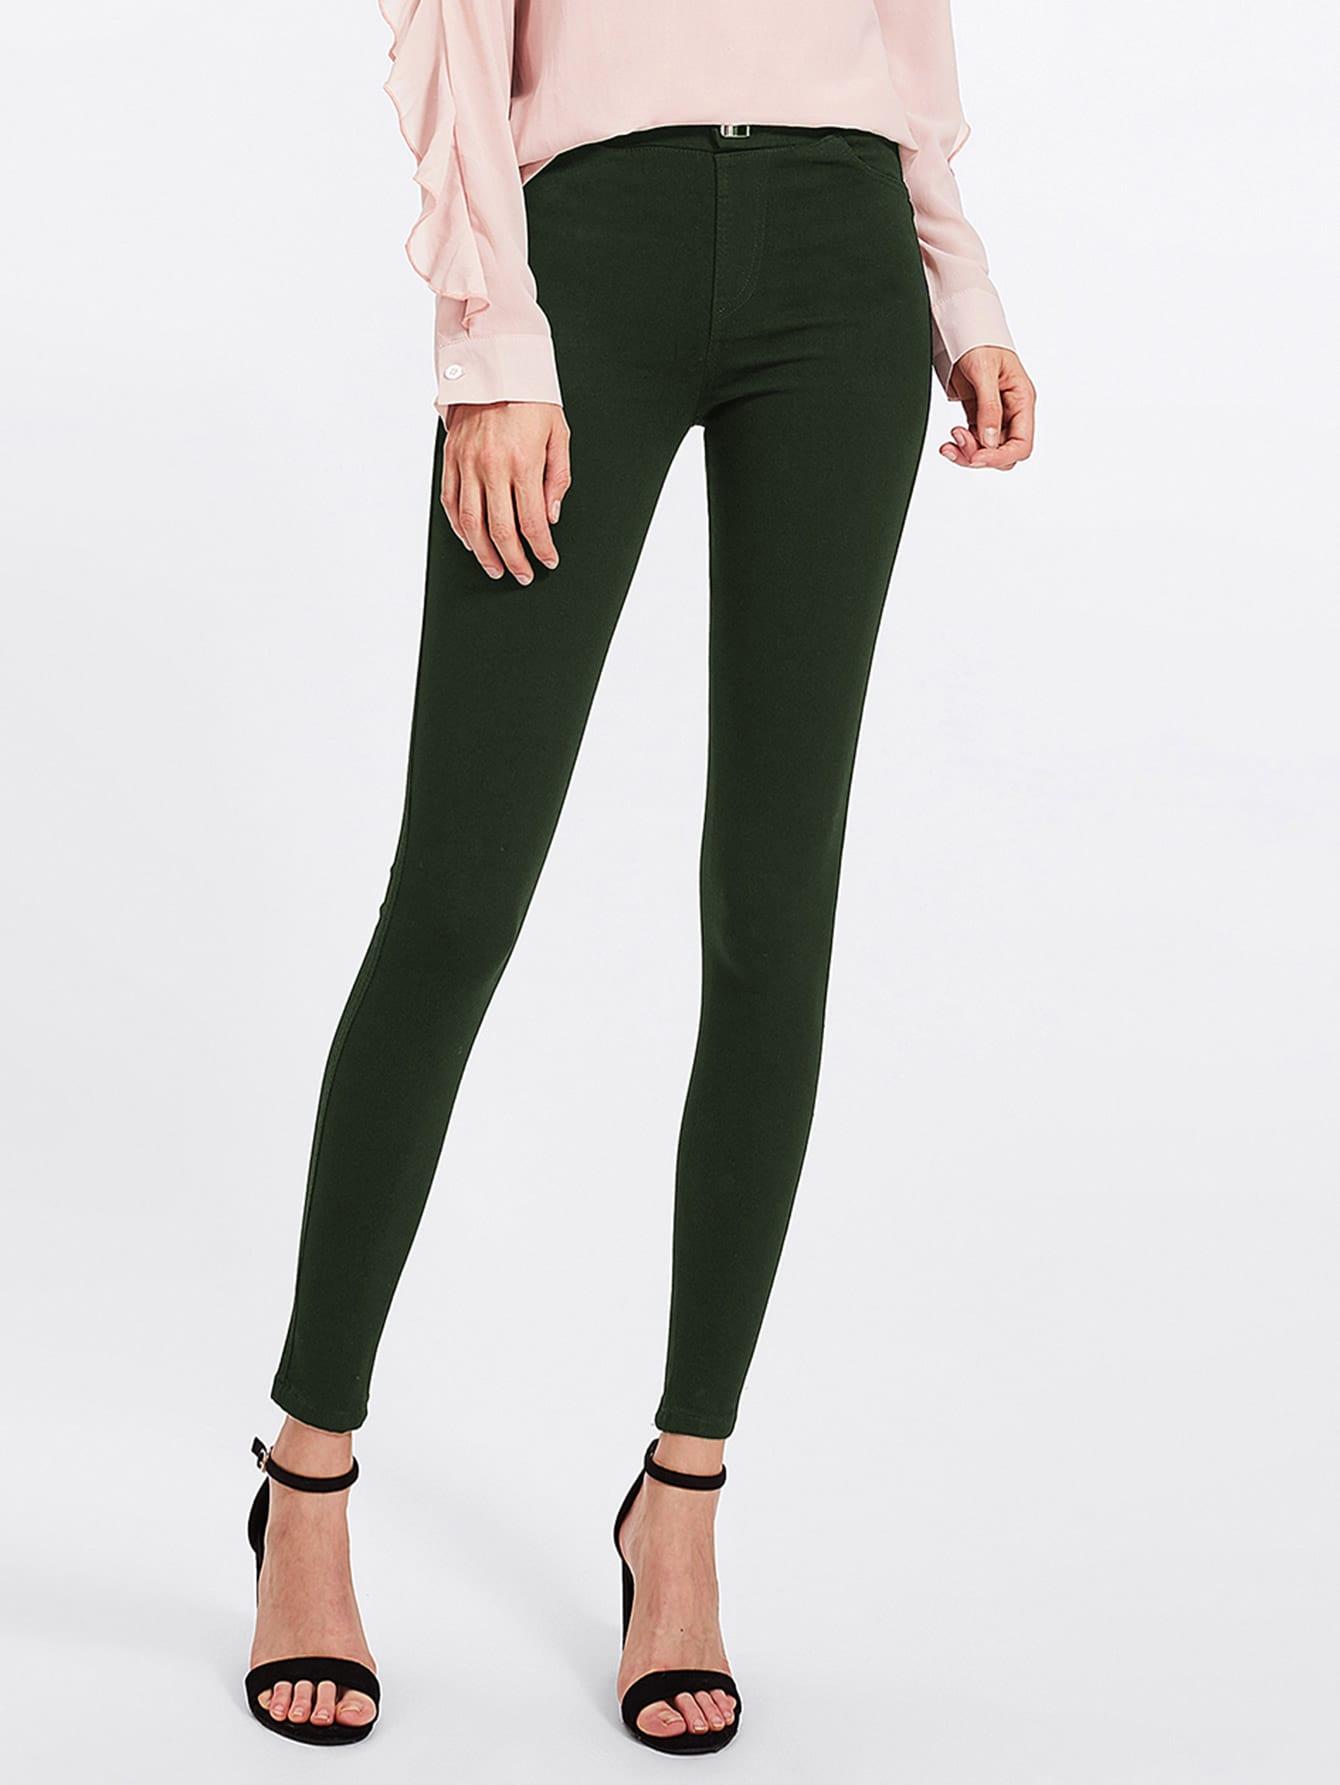 Купить Модные джинсы цвета хаки, Zoranaa, SheIn